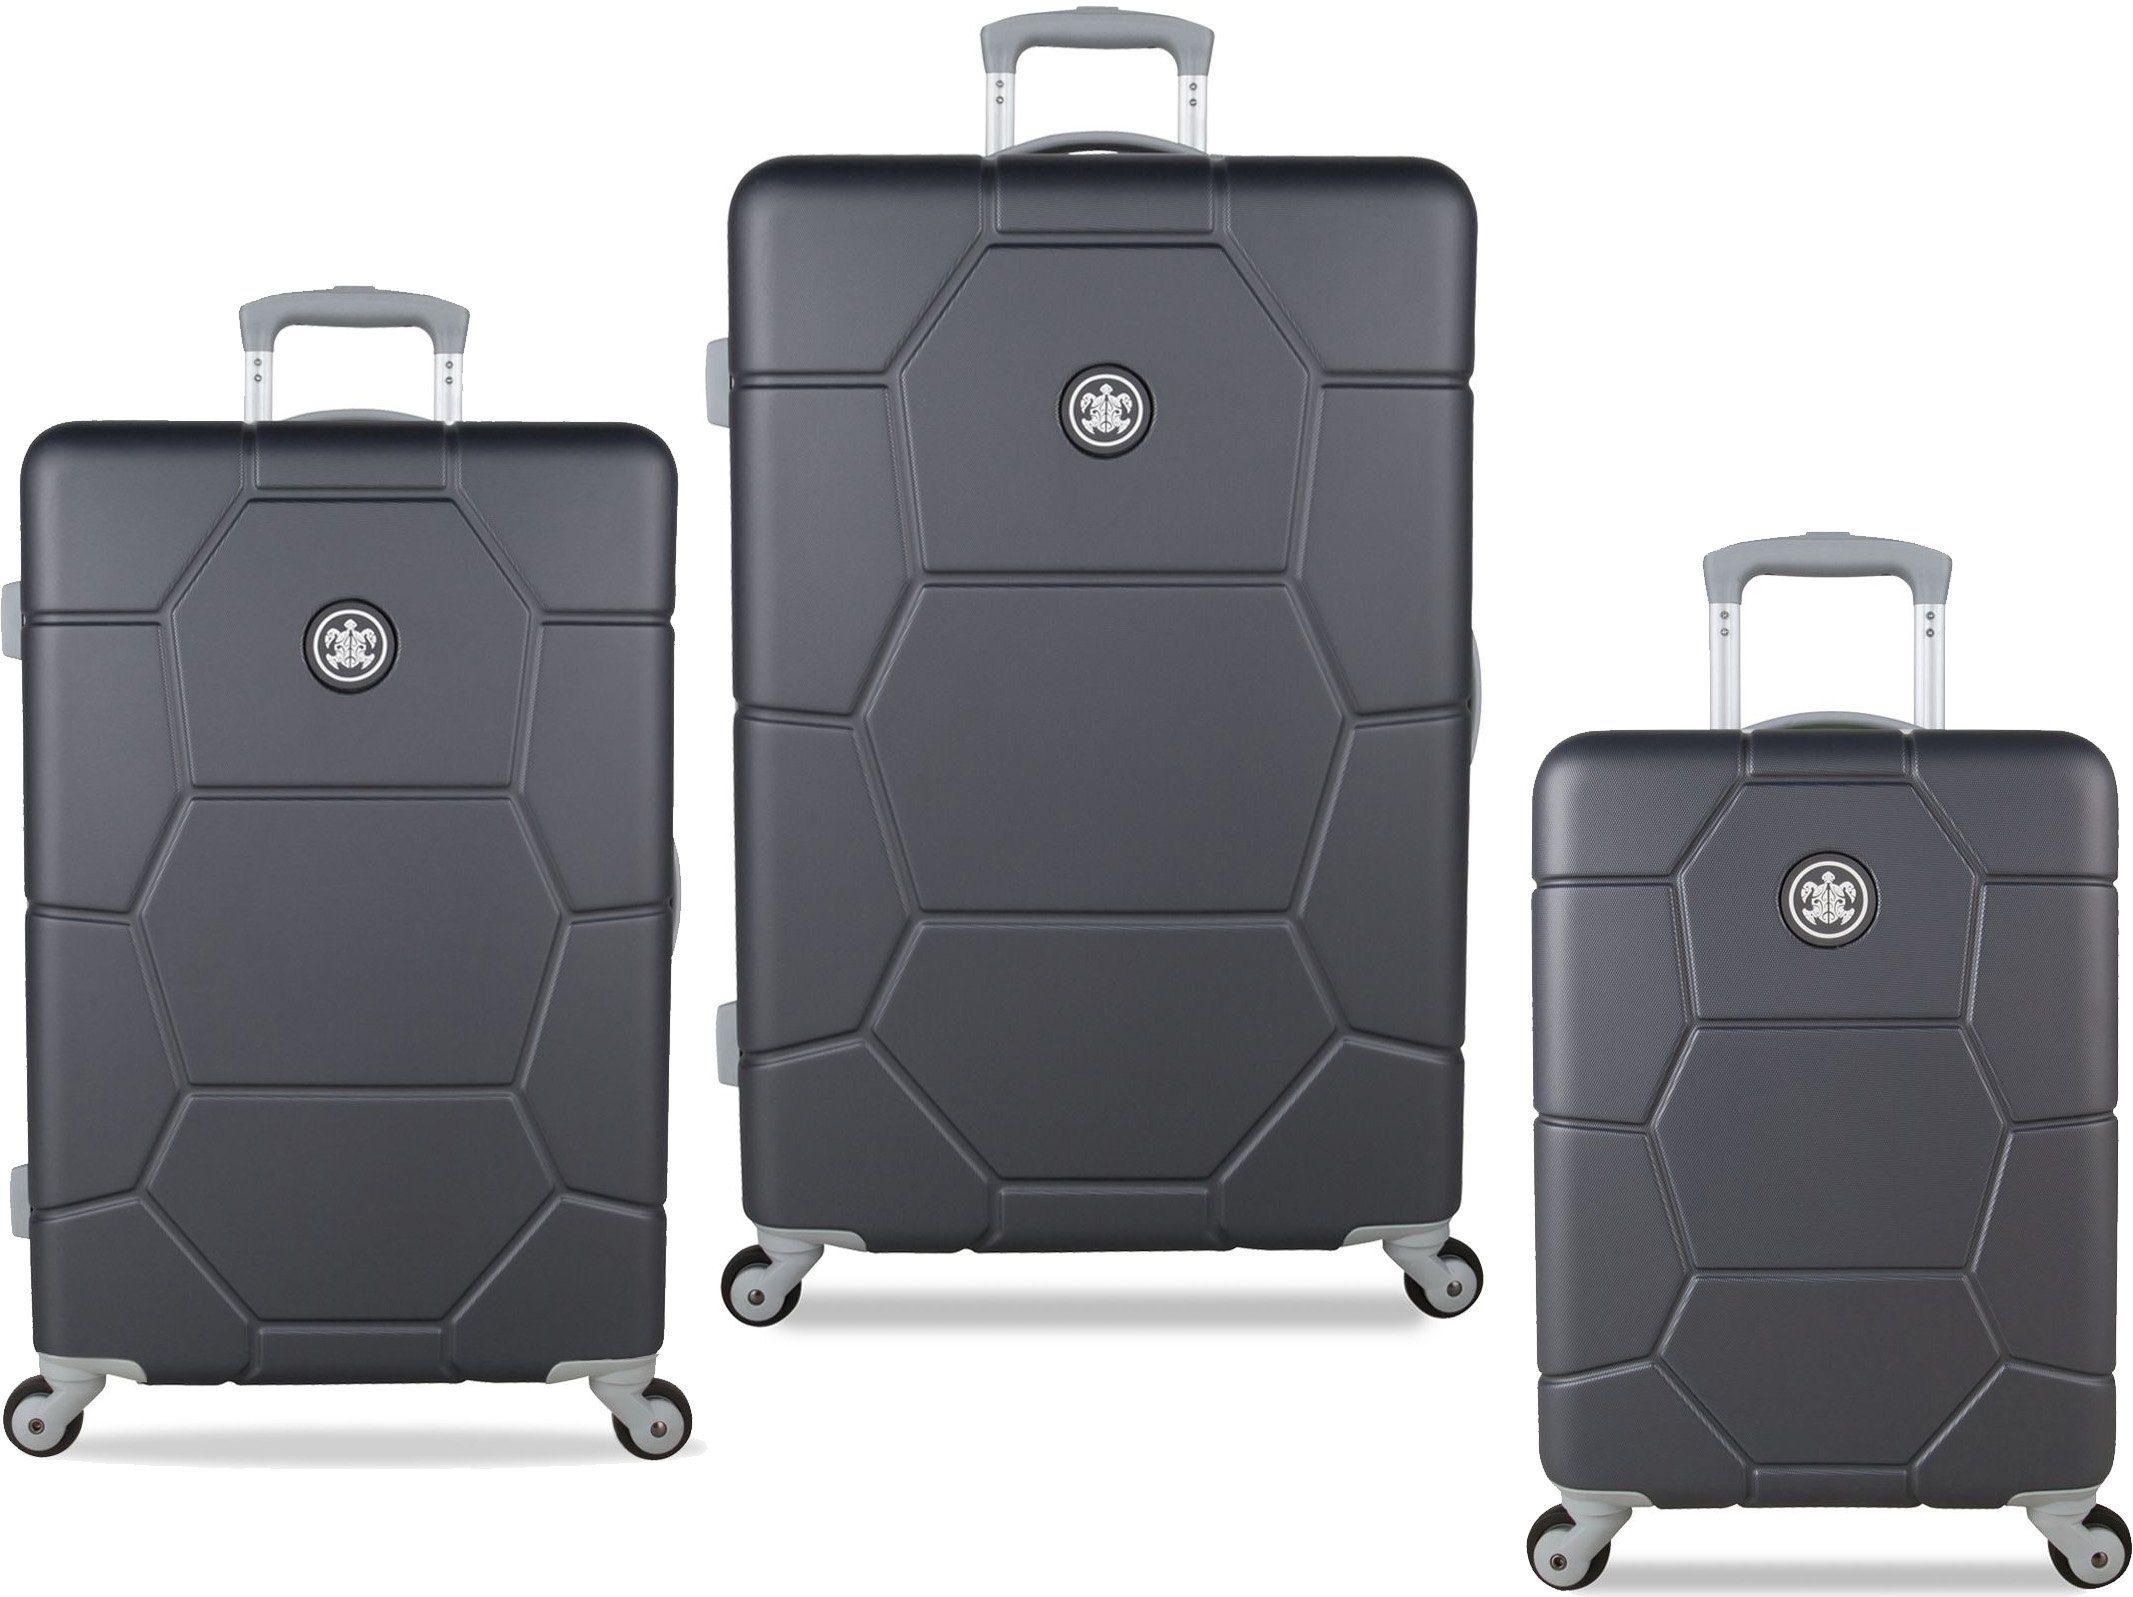 SUITSUIT® Hartschalentrolley Set mit 4 Rollen, 3-tlg., »Caretta Cool Grey«